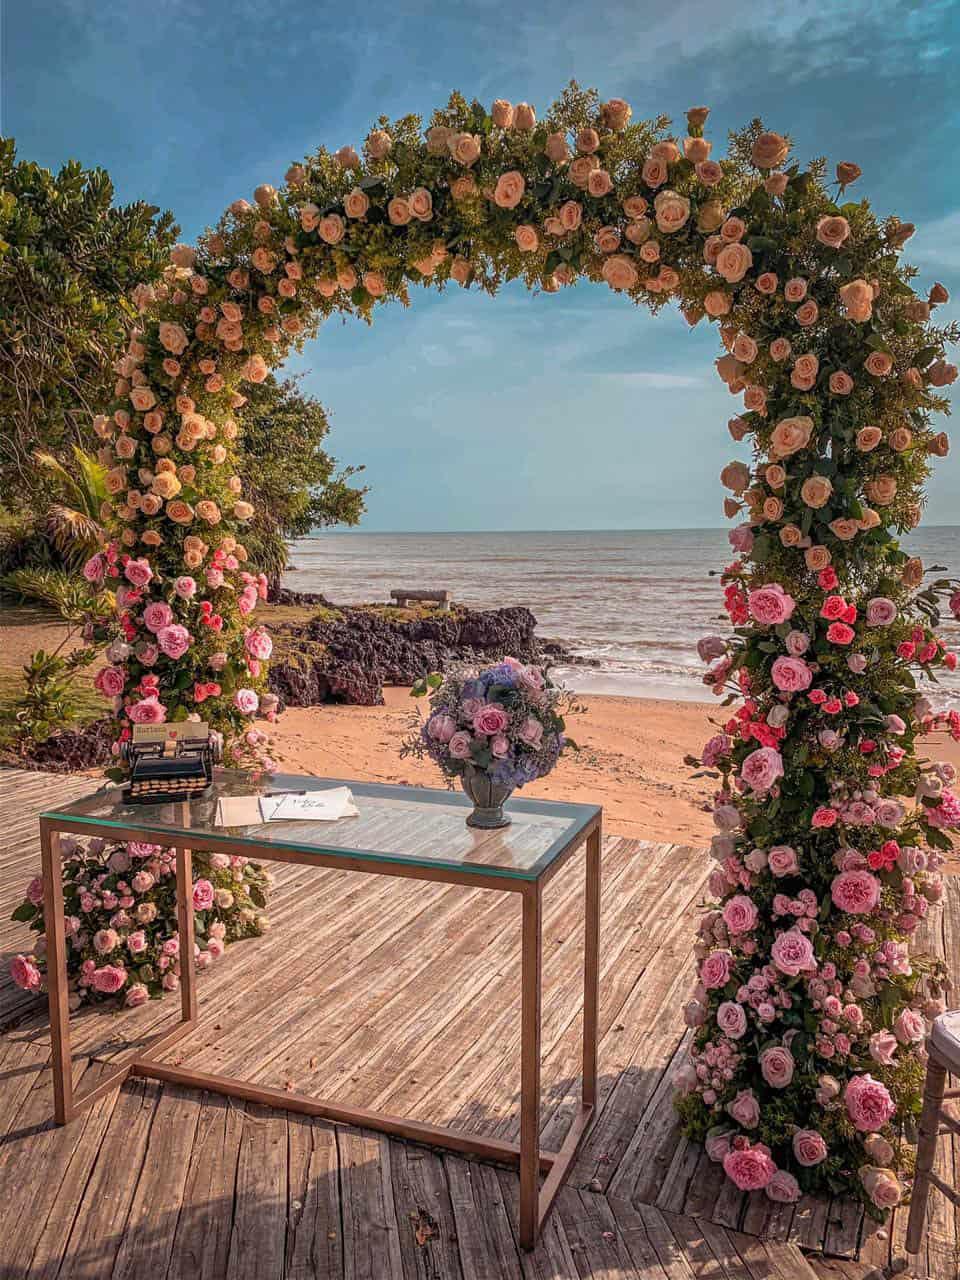 Casa-da-Maria-casamento-Mariana-e-Luan-Castelhanos-cerimonia-ao-ar-livre-cerimonia-na-praia-cerimonial-Vivianne-Melo-Espirito-Santo-Fotografia-Mariana-Andrich60